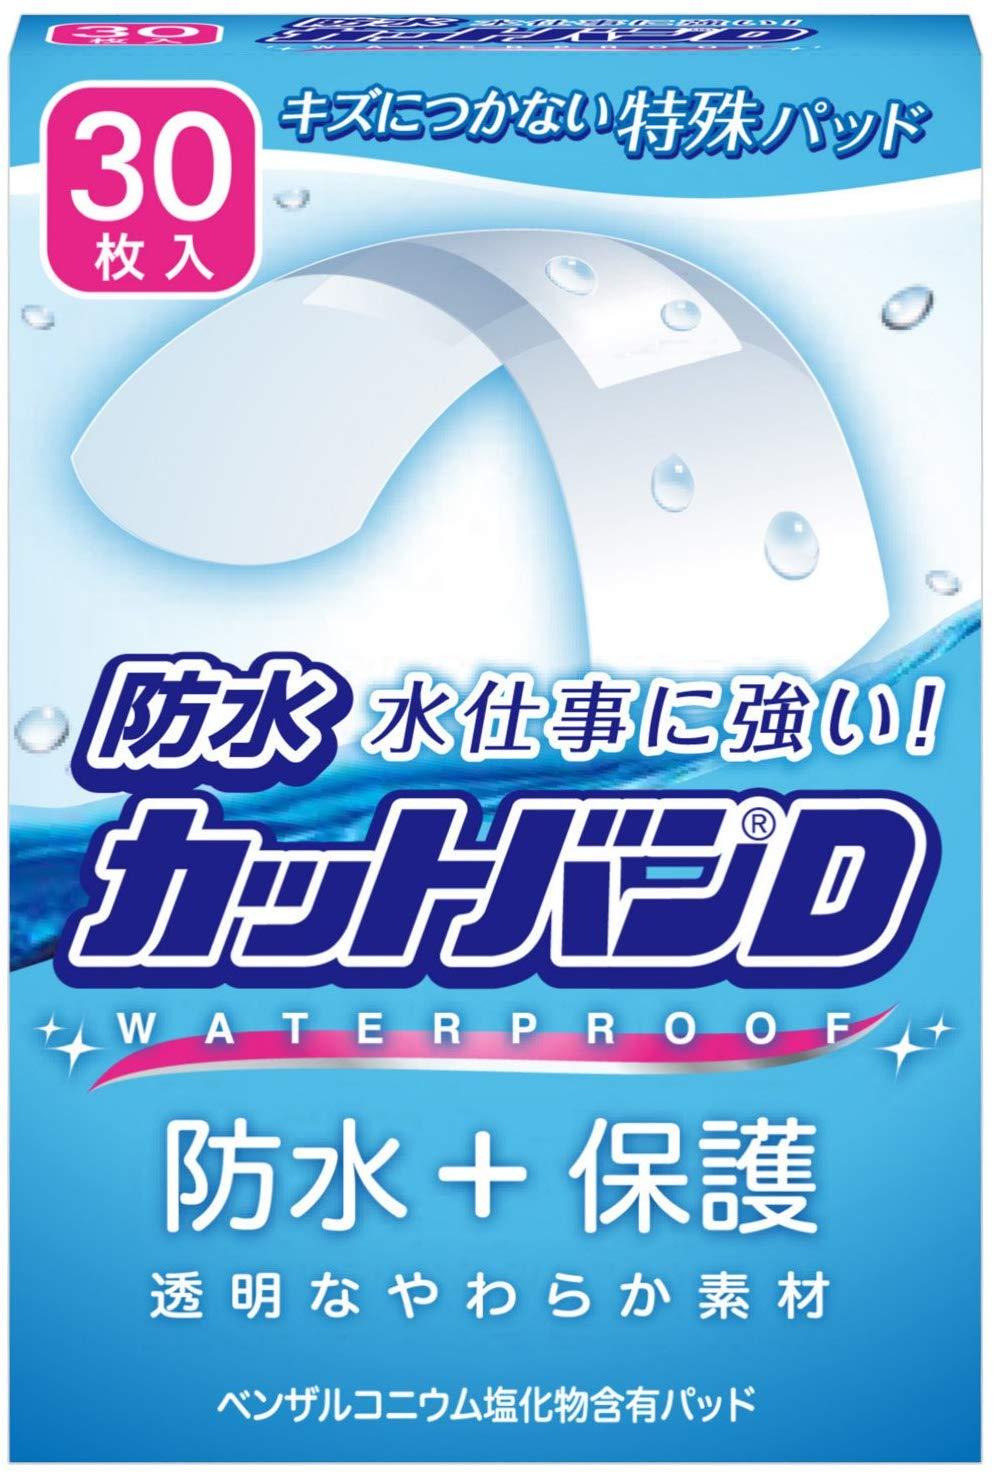 防水絆創膏のおすすめ10選!自由にカットできる大判サイズも